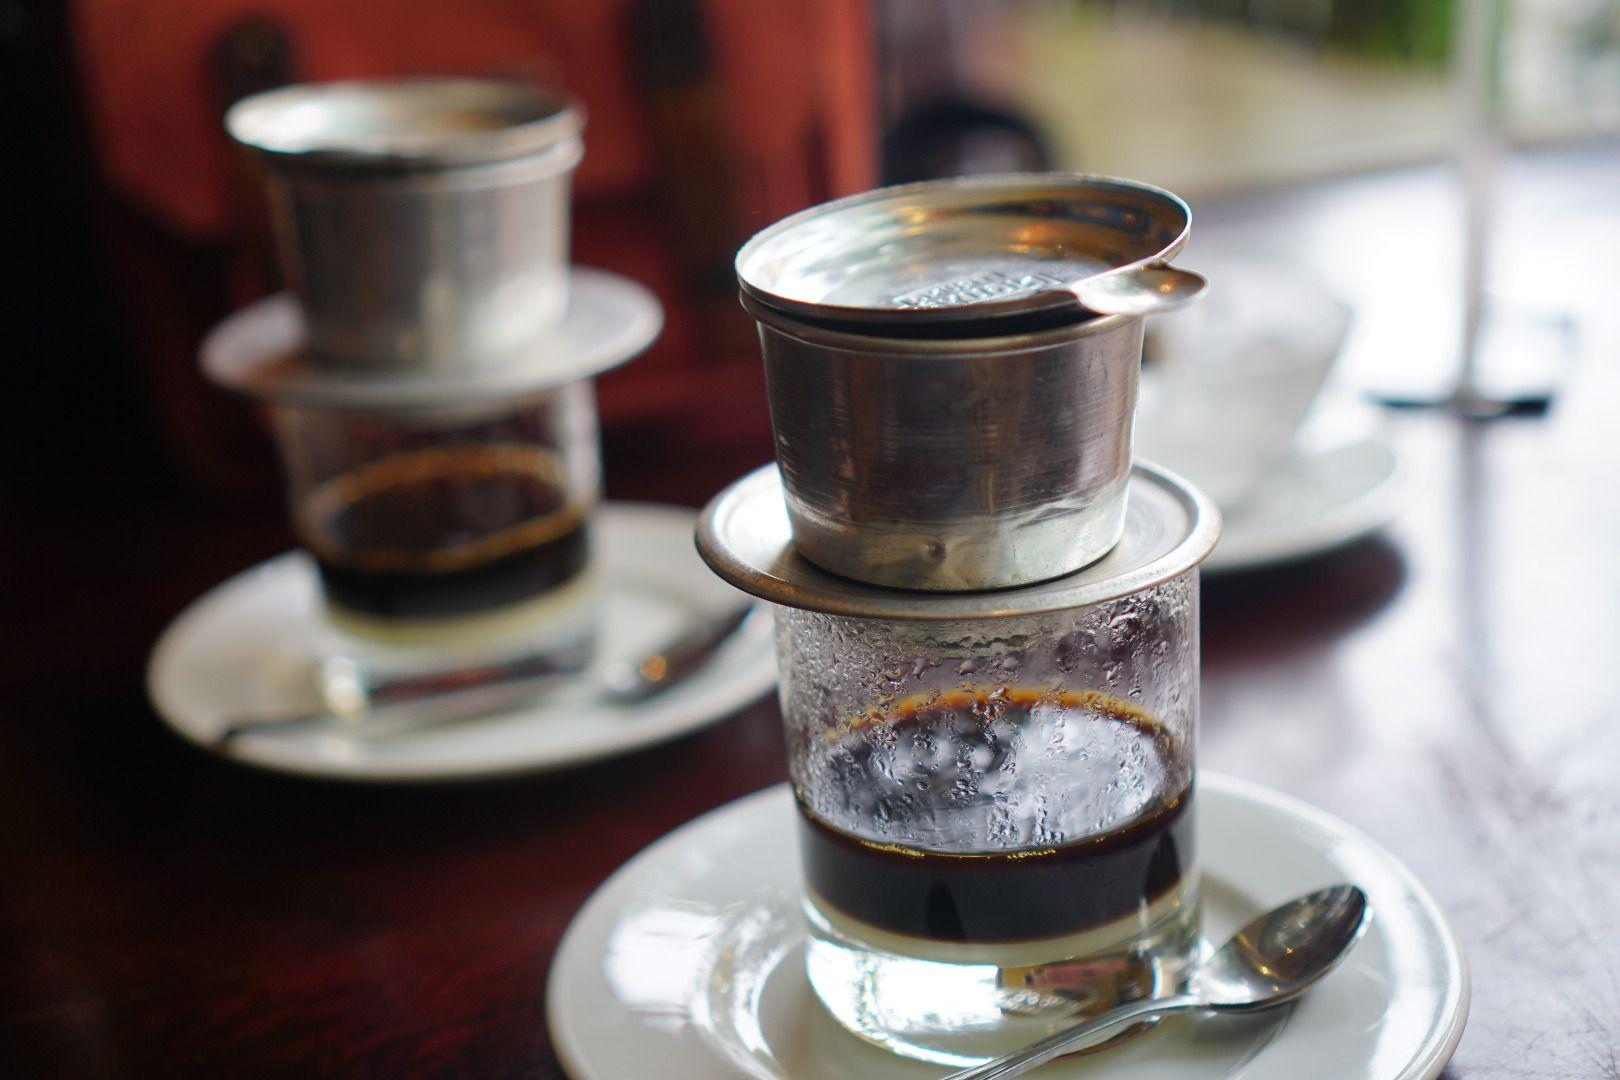 Pha cà phê phin cần chế nước 2 lần mới ngon và đậm vị.